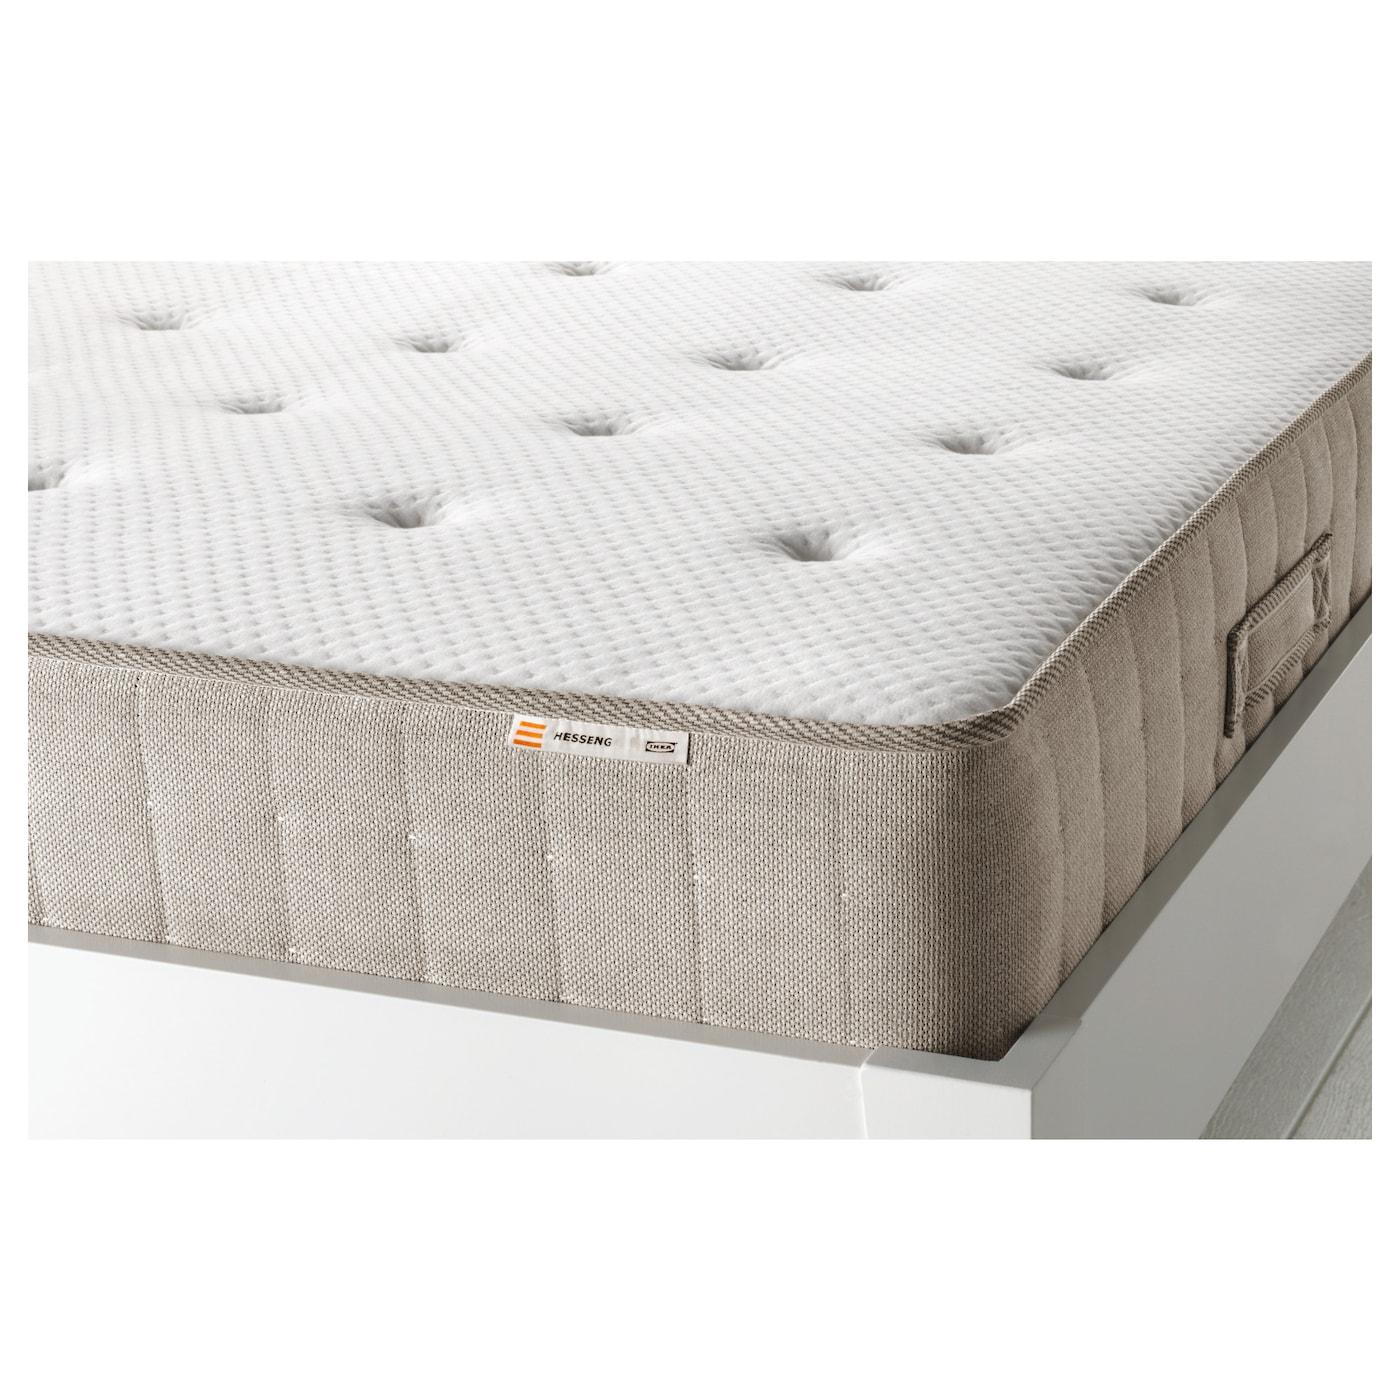 HESSENG Pocket sprung mattress Firm natural colour